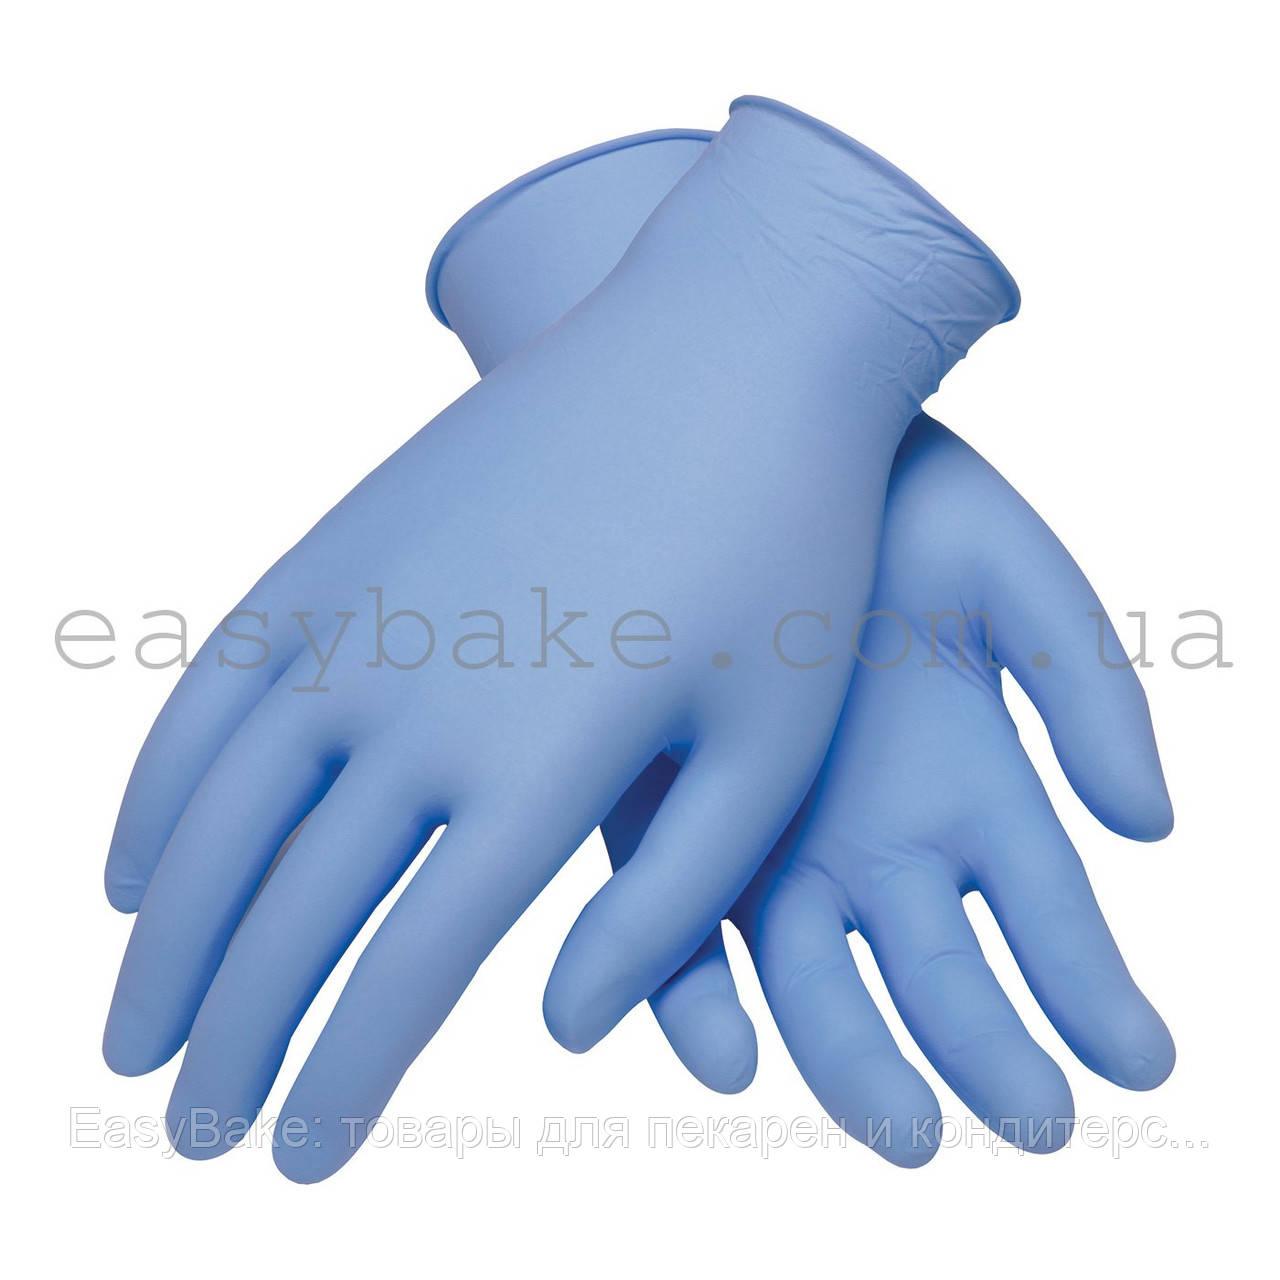 Перчатки нитрил супер Клин 3.0 голубые р.L 100 шт - EasyBake: товары для пекарен и кондитерских в Киеве